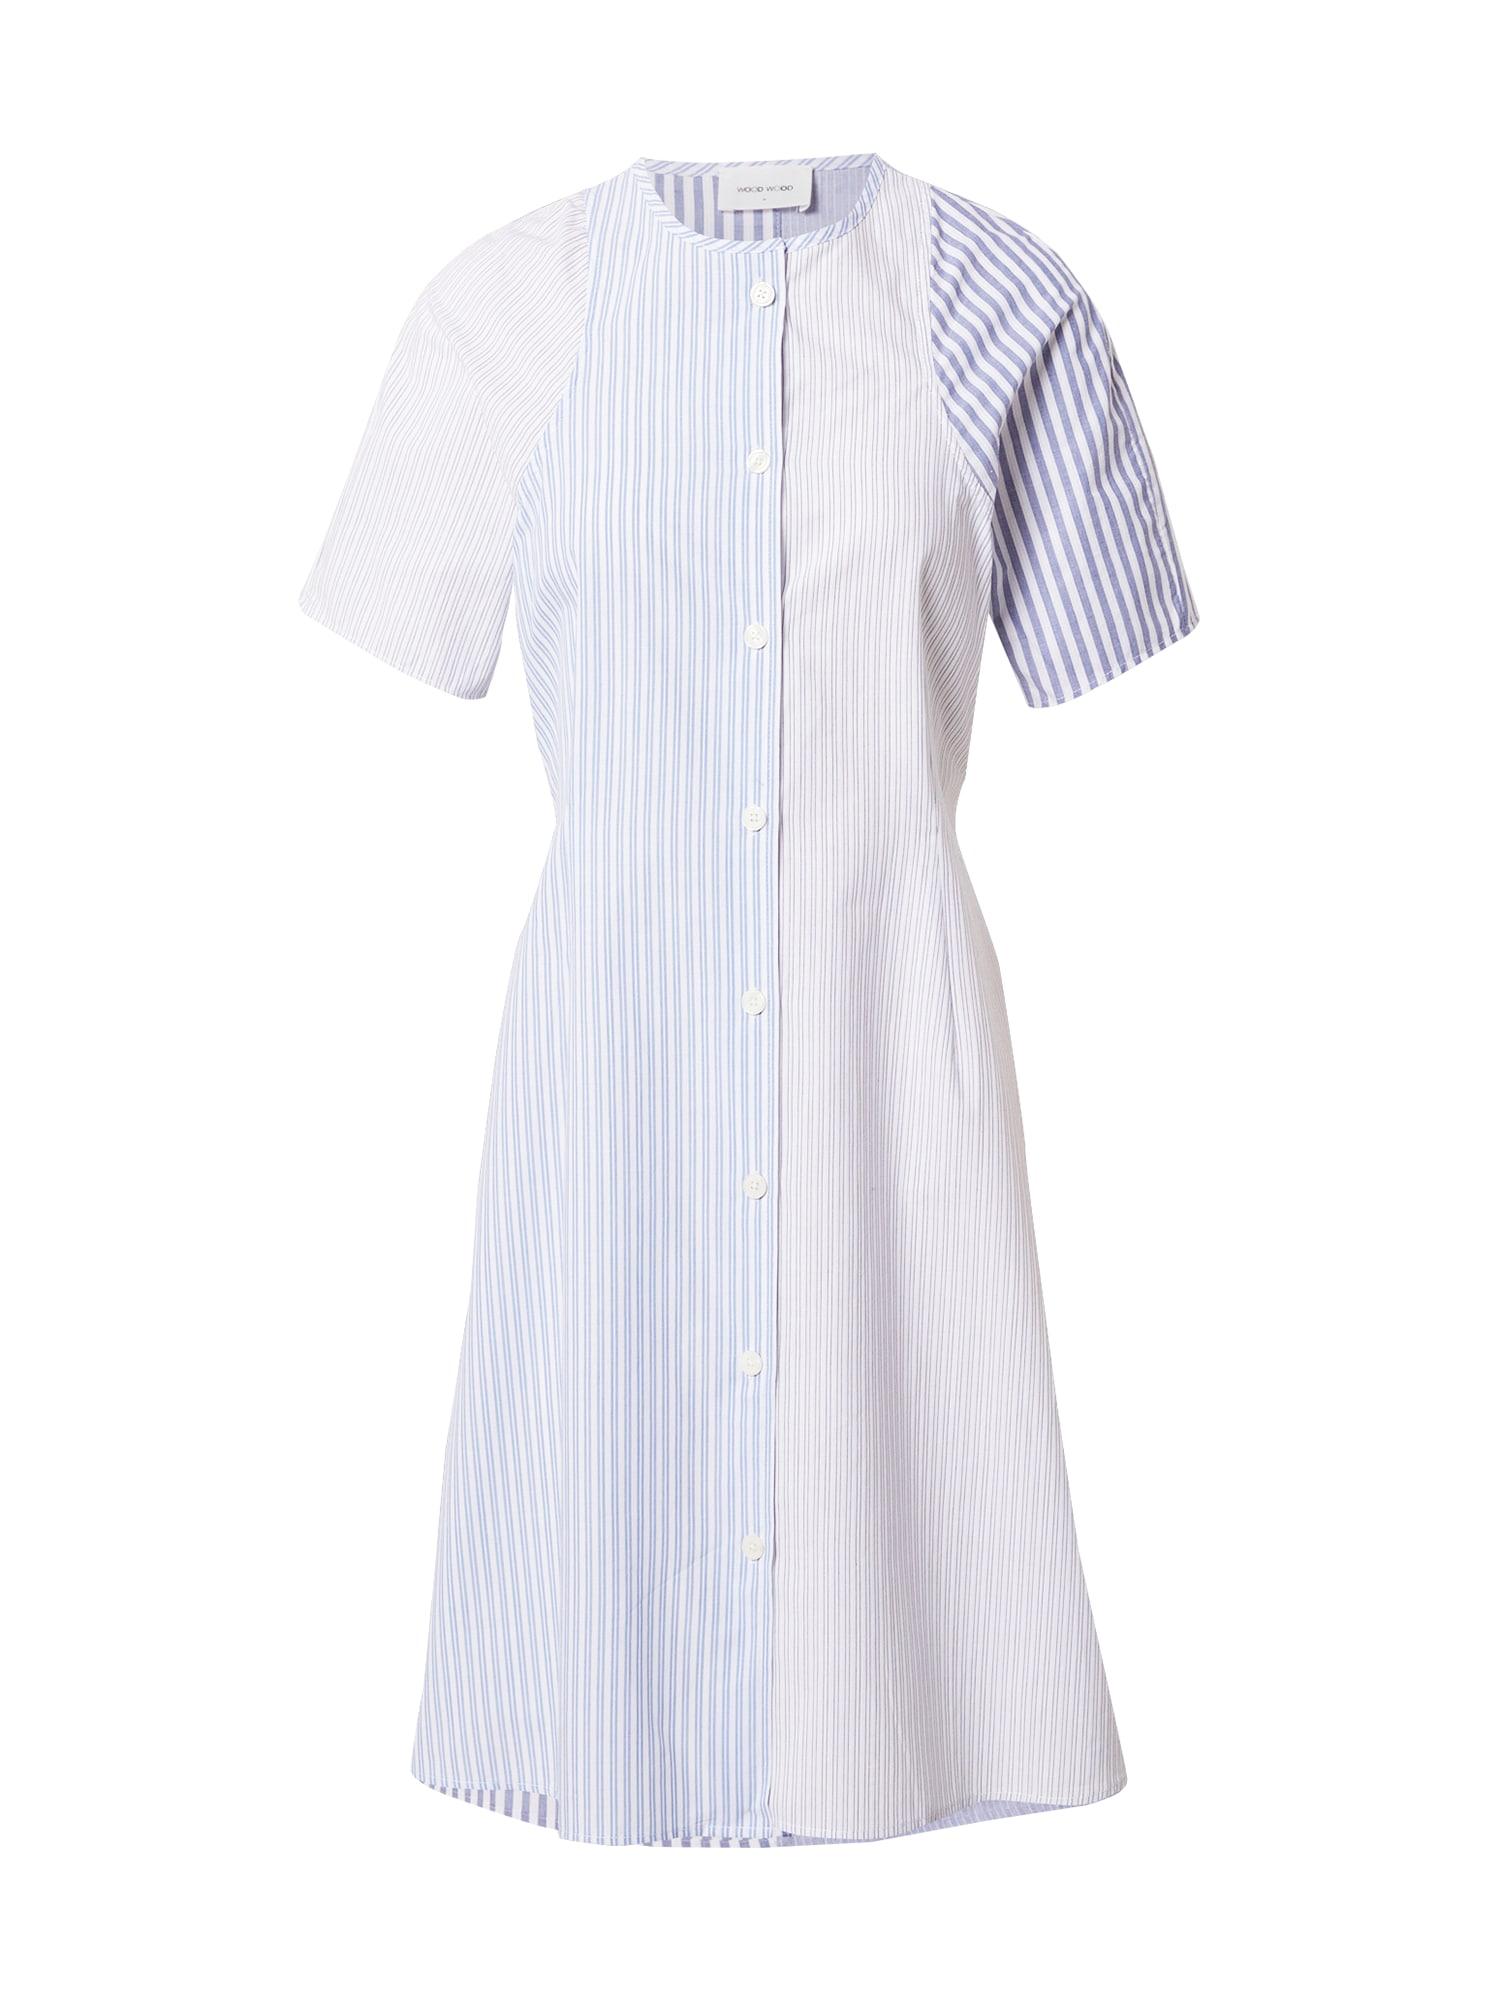 WOOD WOOD Palaidinės tipo suknelė